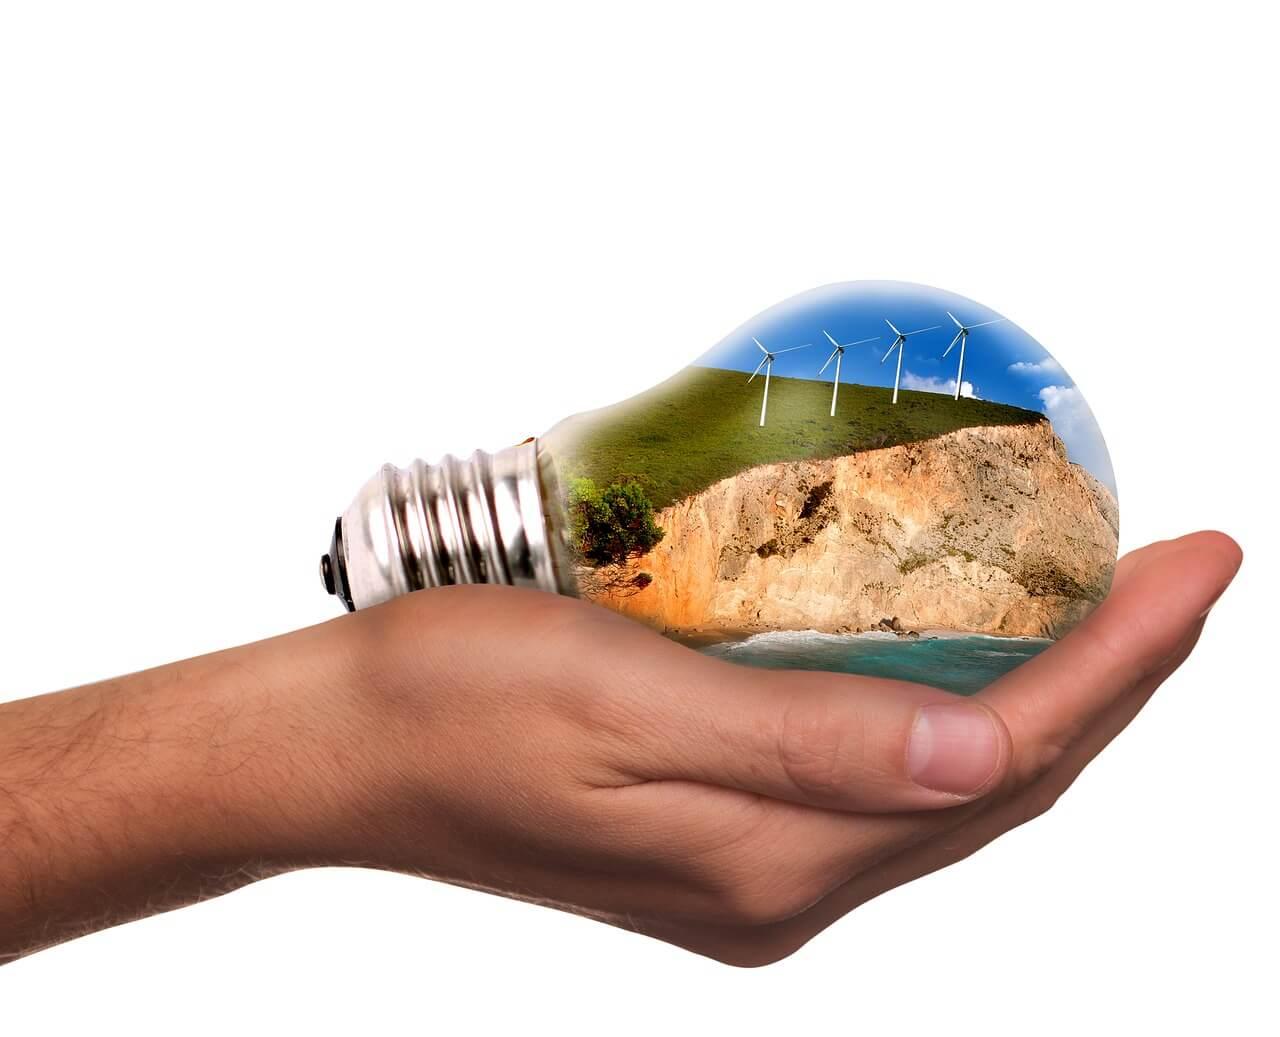 Jクレジット第11回入札結果、再エネ発電はまたまた上昇!